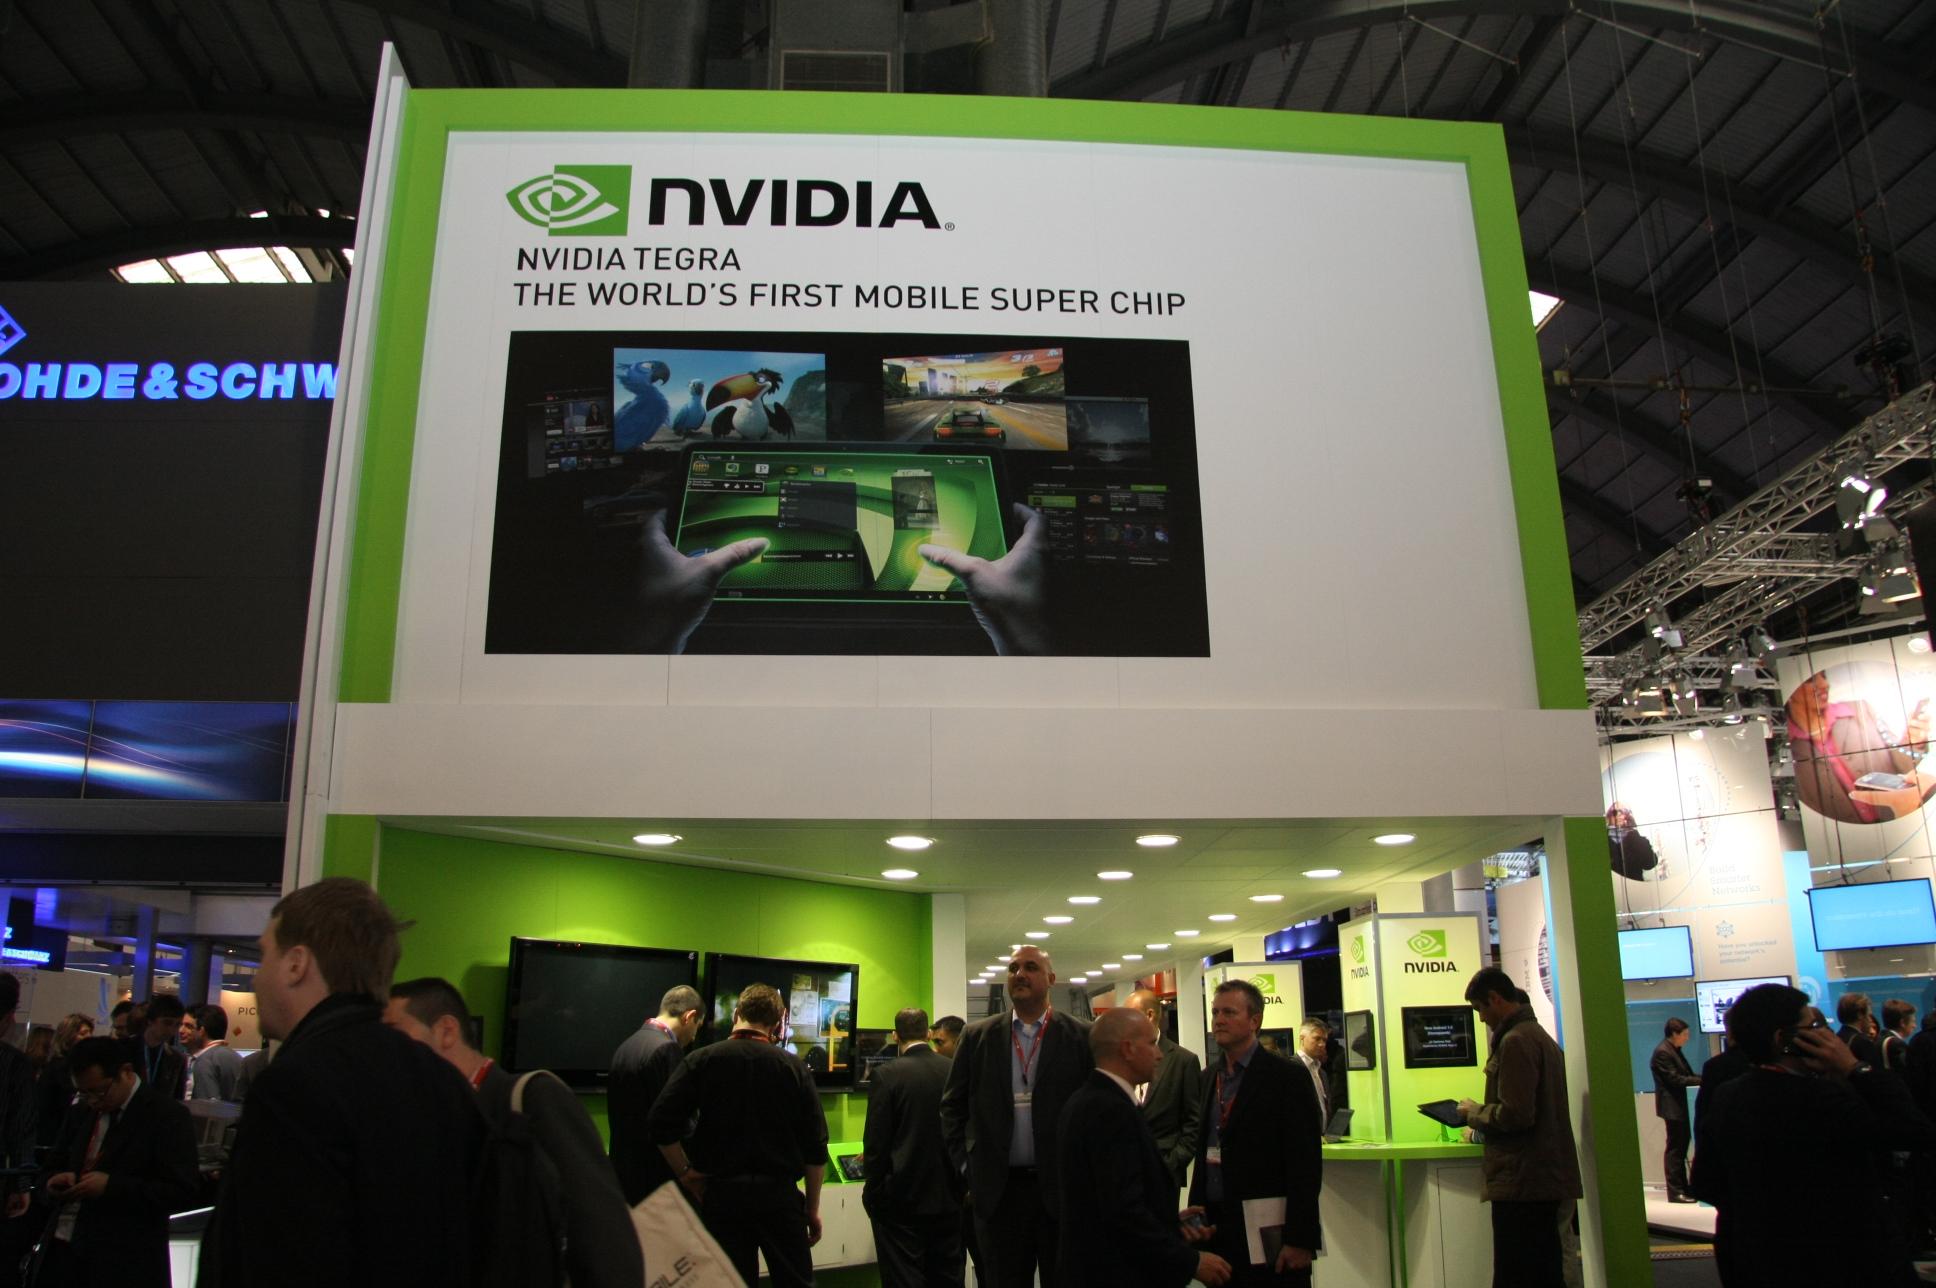 NVIDIA's quad-core Kal-El Tegra processor shows off its dynamic lighting capabilities